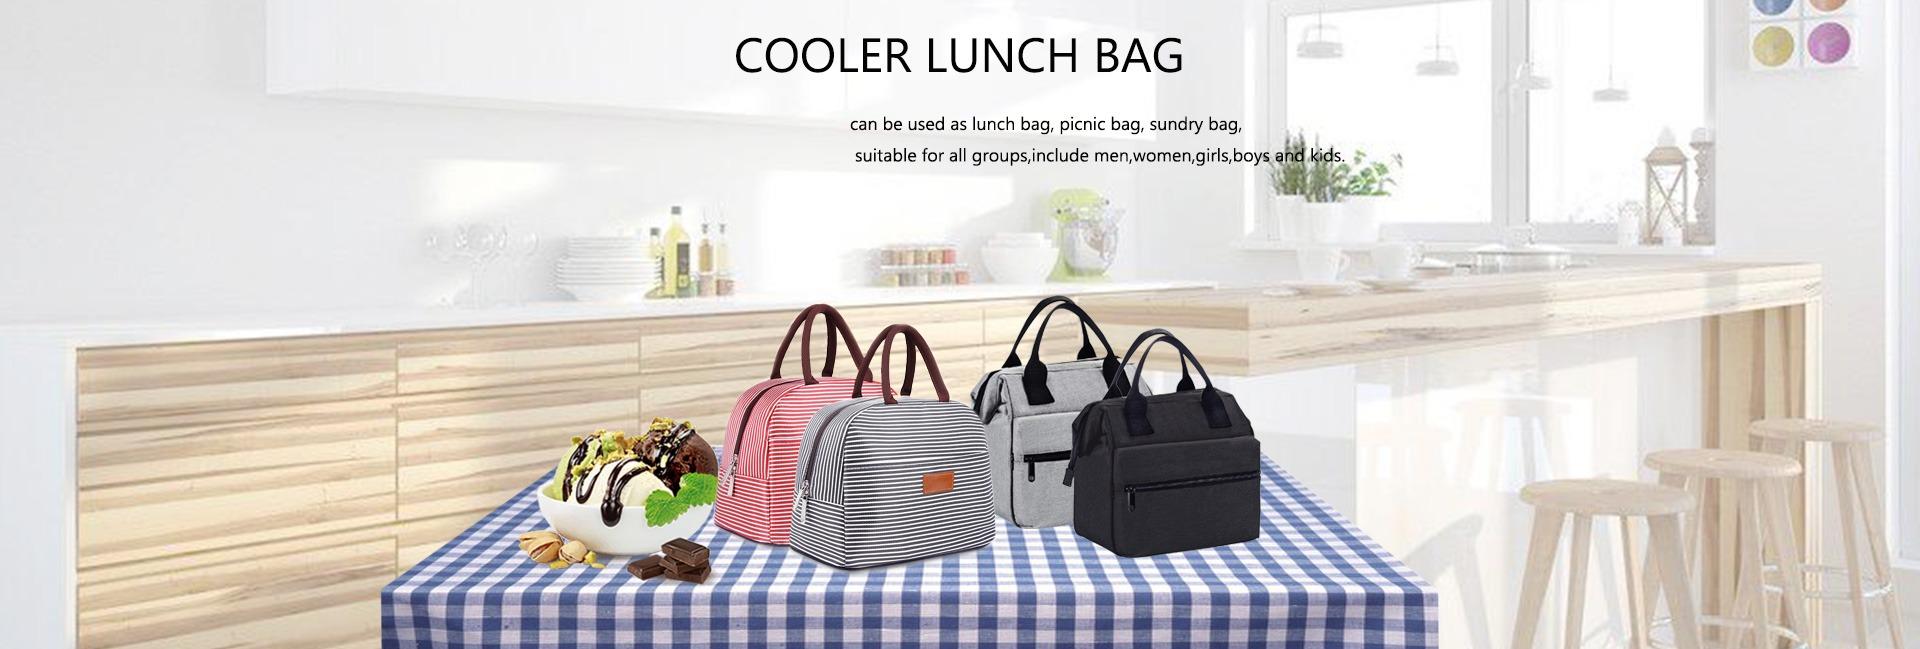 Shenzhen Xinhuafa Bag Products Company Ltd. - Cosmetic Bag 2e74a844ddaba